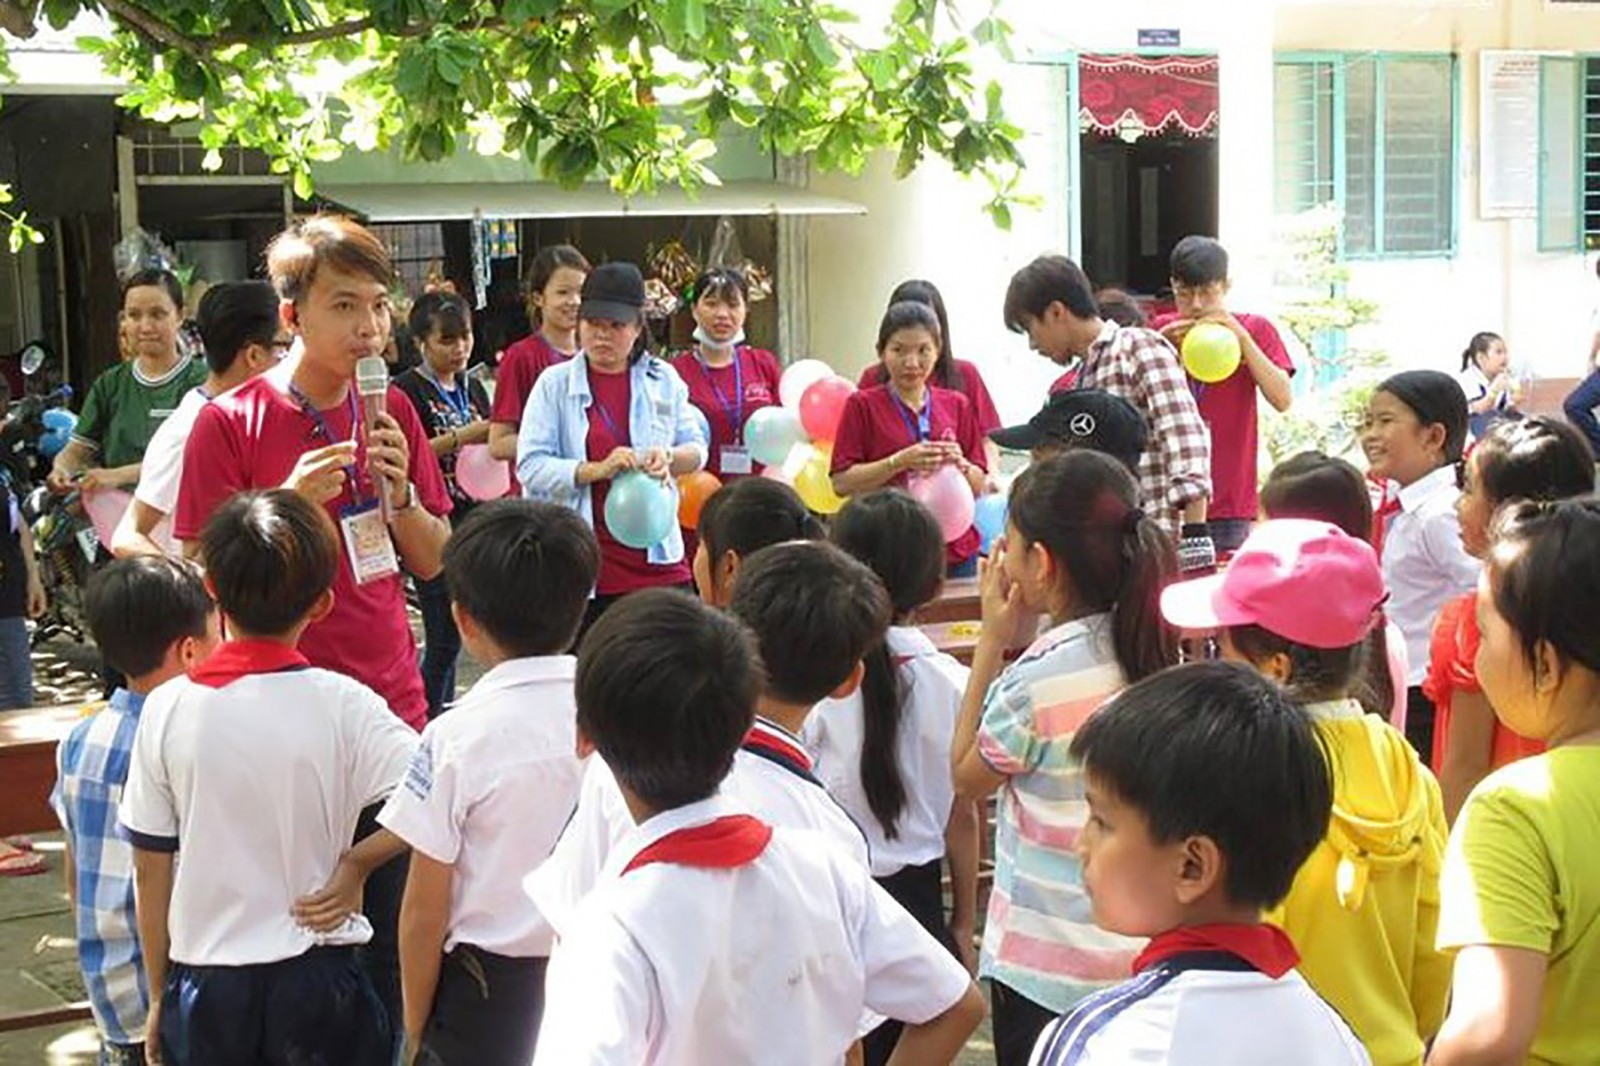 Sinh viên Trường Đại học Nam Cần Thơ tổ chức sân chơi hè cho trẻ em có hoàn cảnh khó khăn trên địa bàn tỉnh Vĩnh Long. Ảnh: TÚ ANH